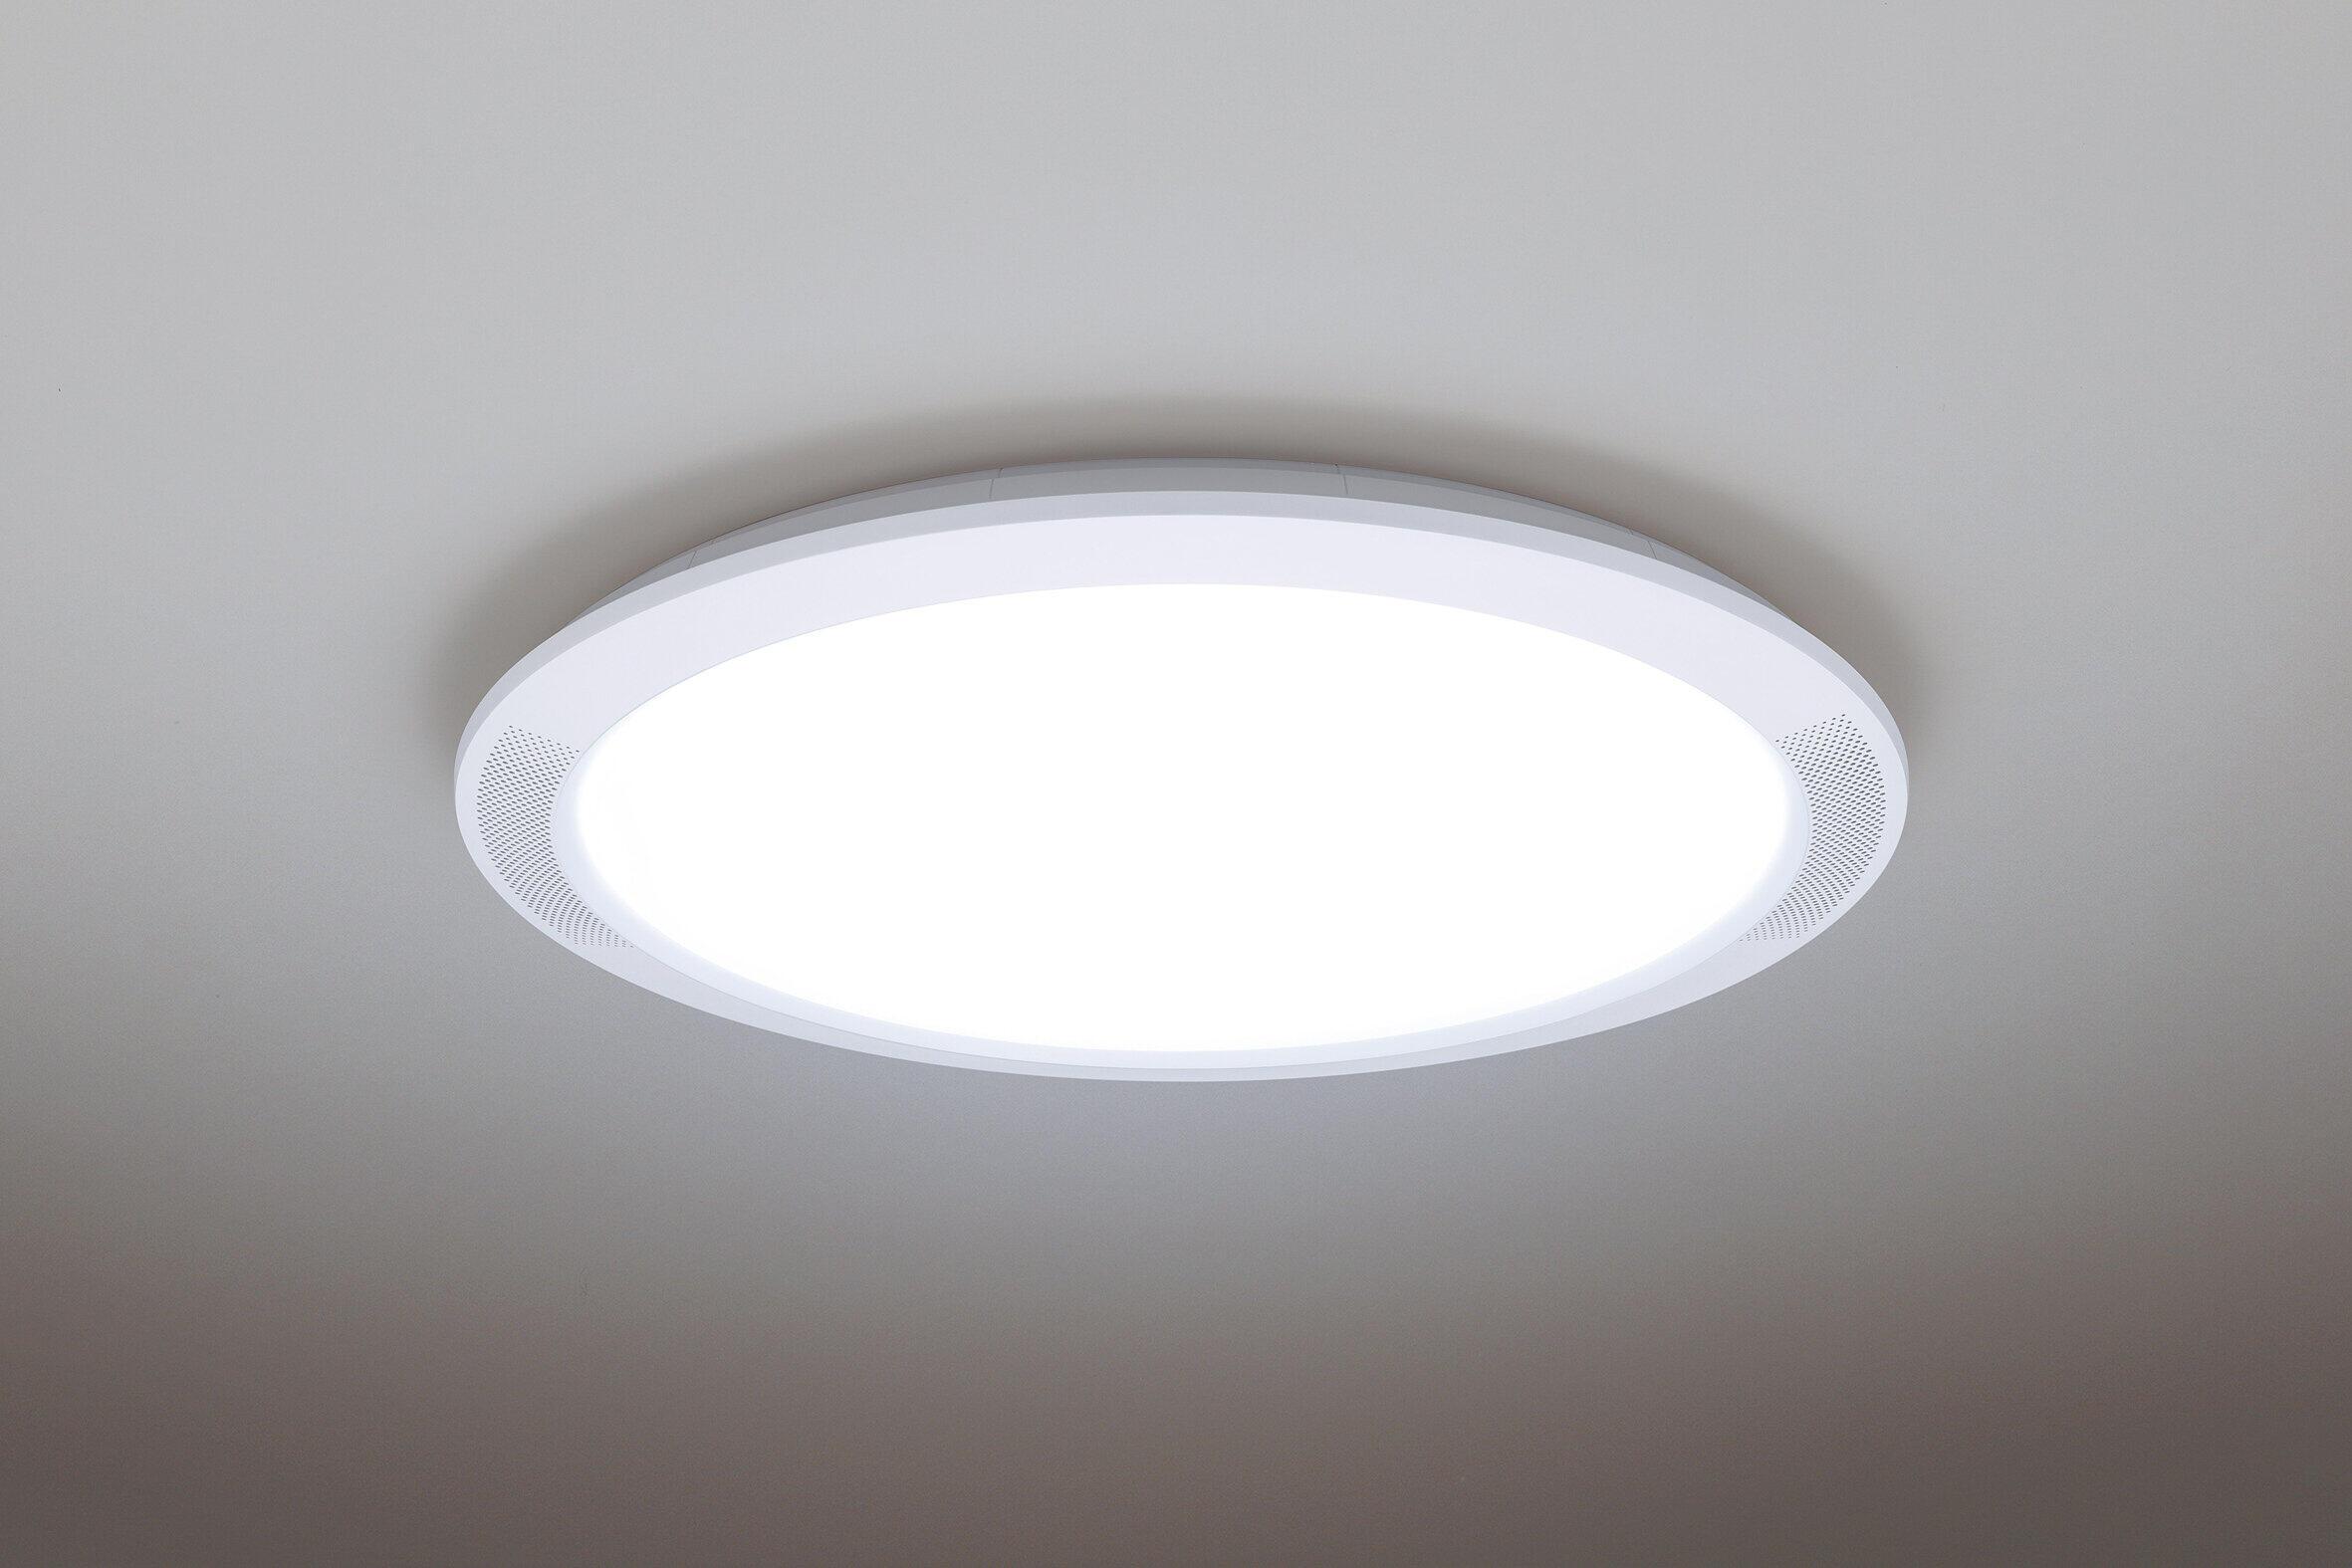 テレビやスマホの音が天井から降り注ぐ LEDシーリングライト